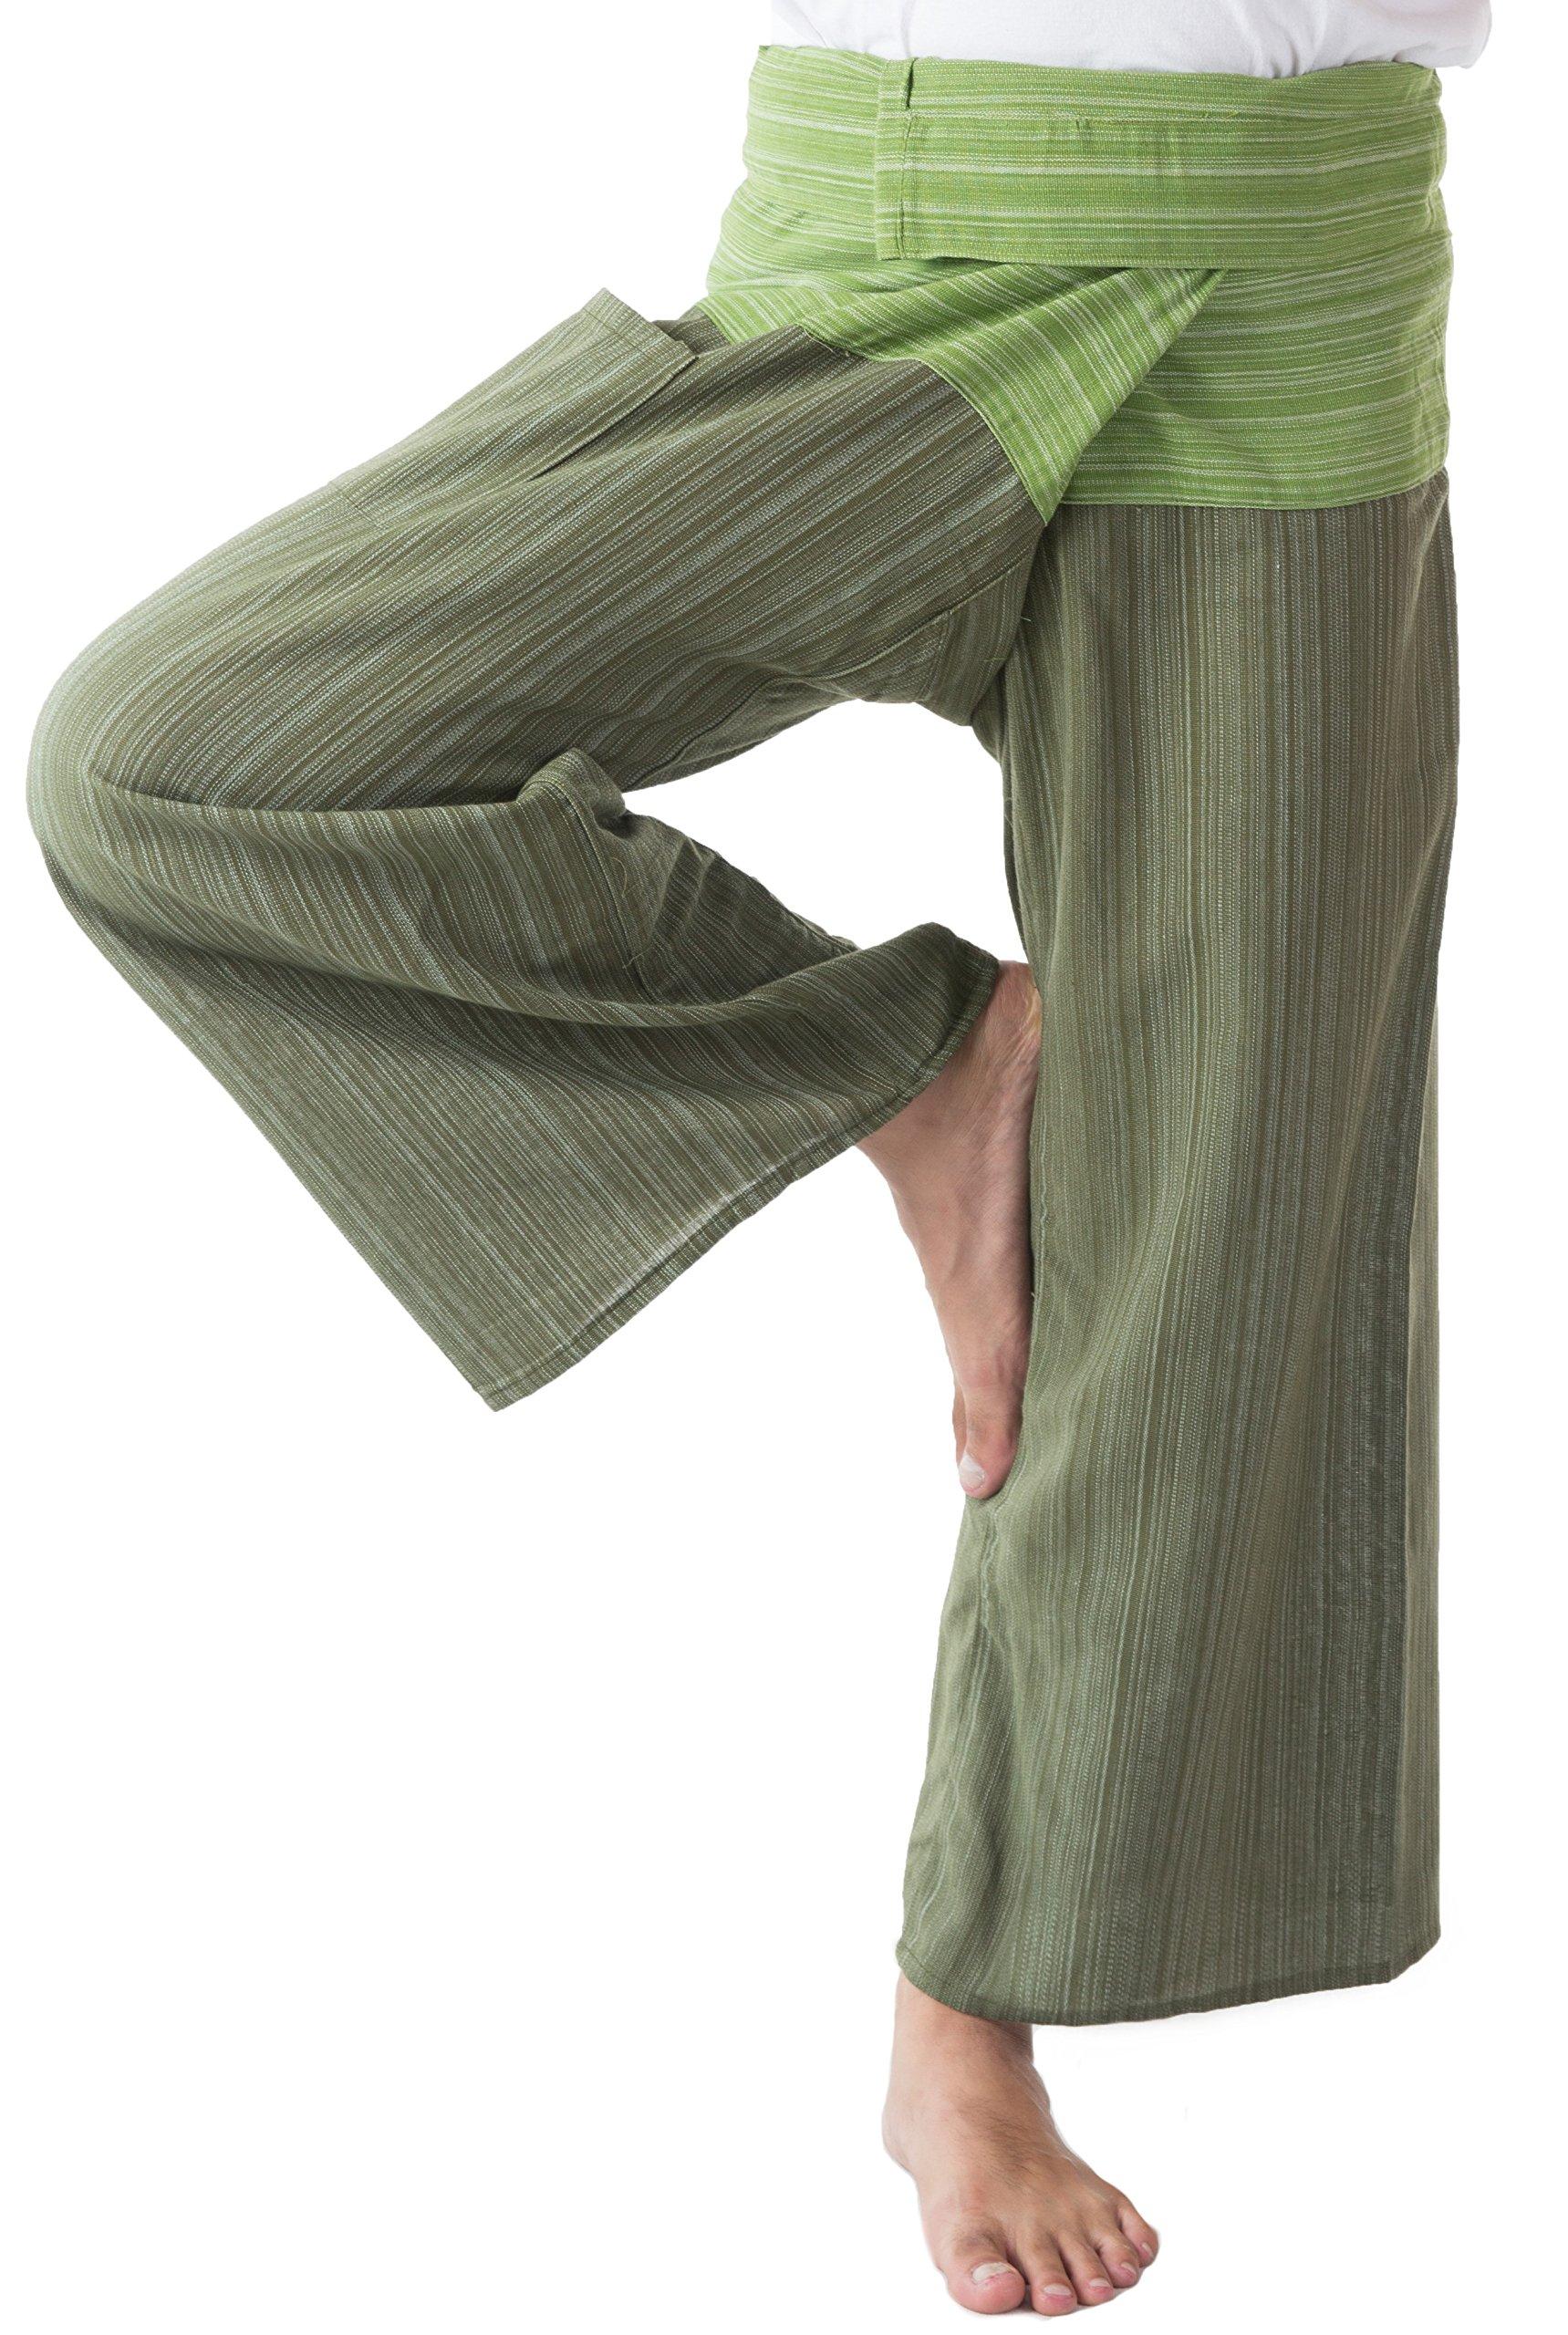 MEMITR Thai Fisherman Pants Men's Yoga Trousers Dark Green and Green 2 Tone Pant